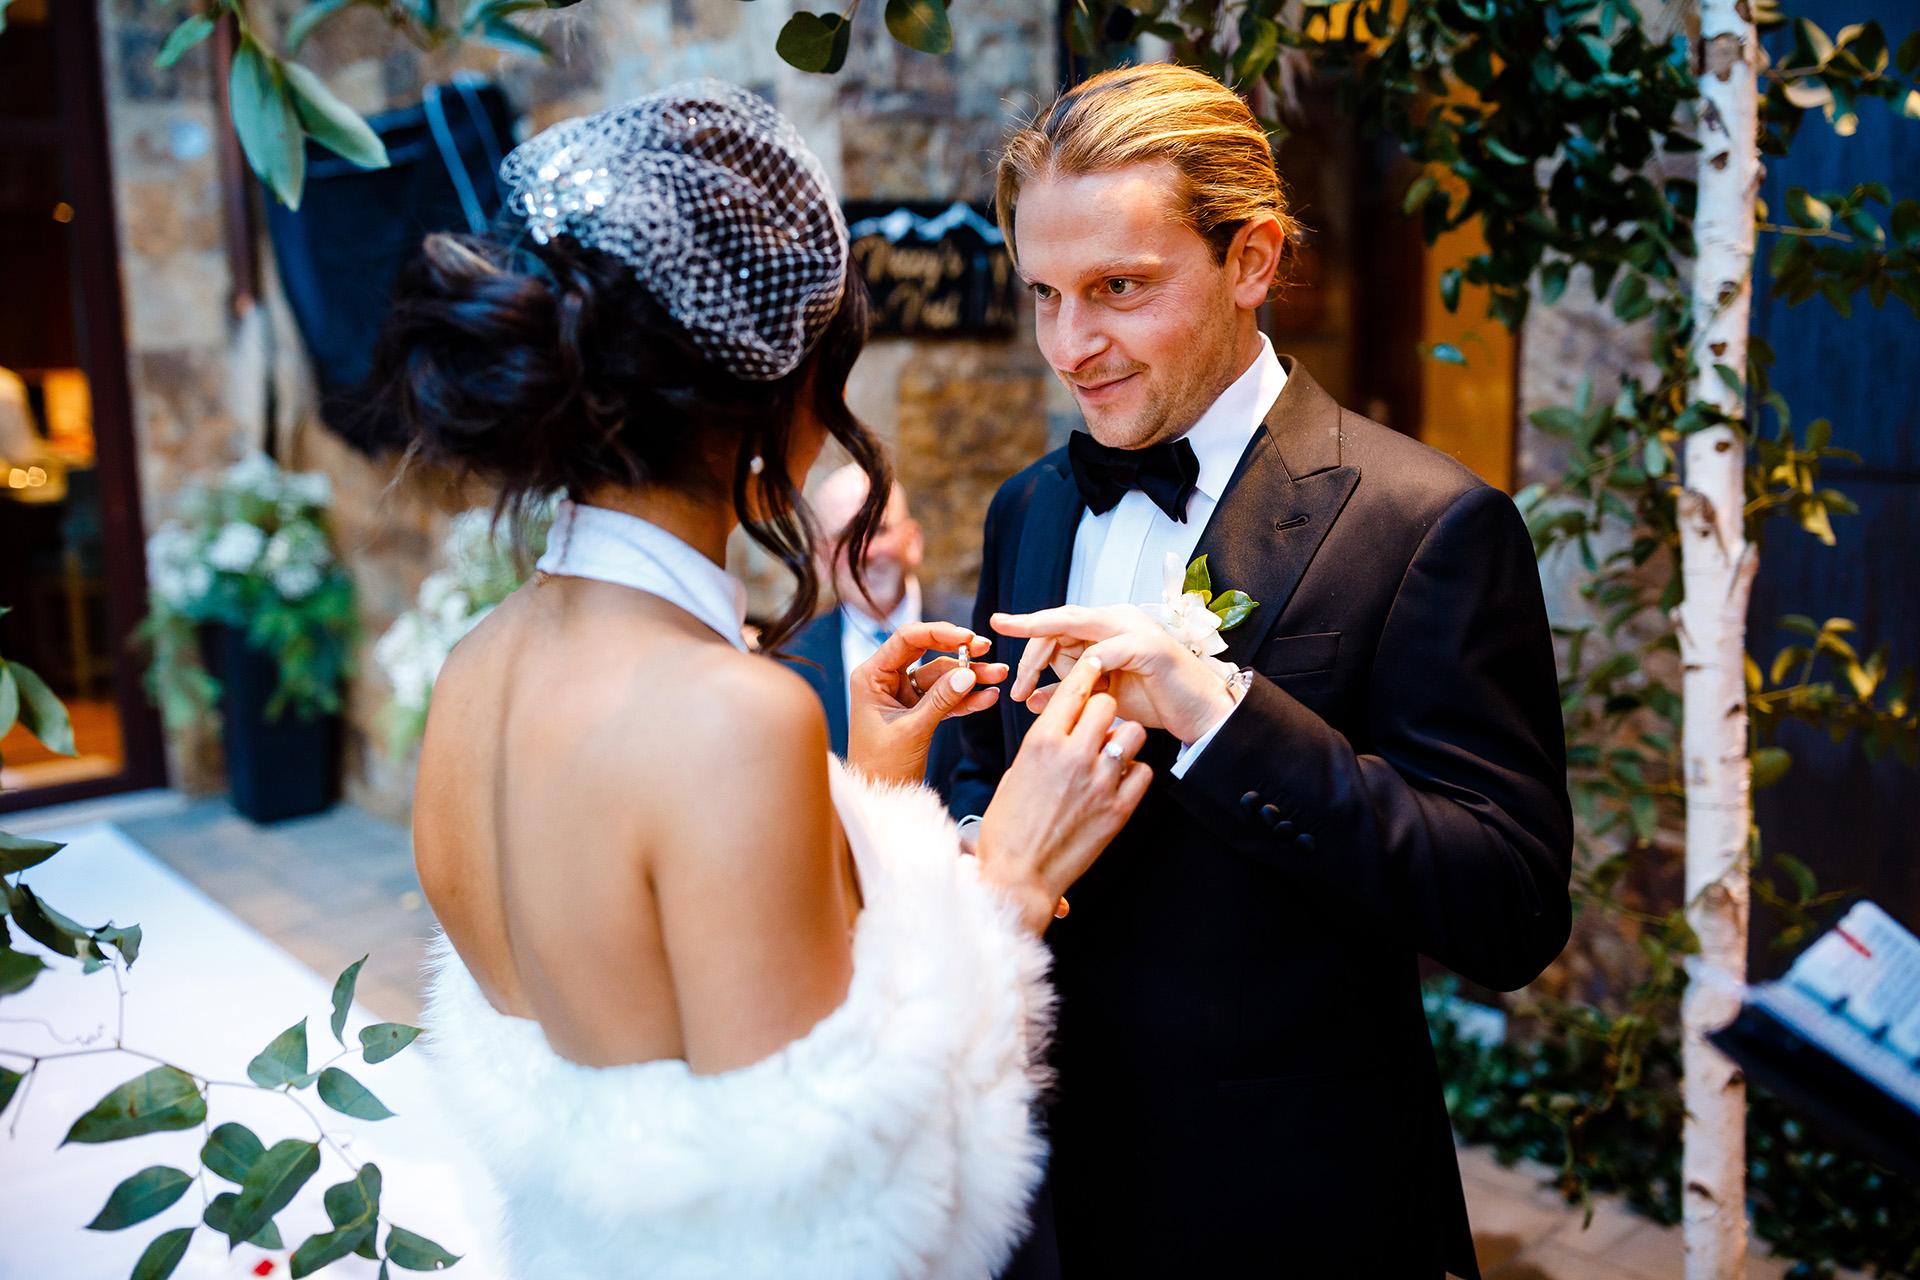 Vail, CO Photographie de mariage   La mariée se prépare à placer la bague sur le doigt du marié